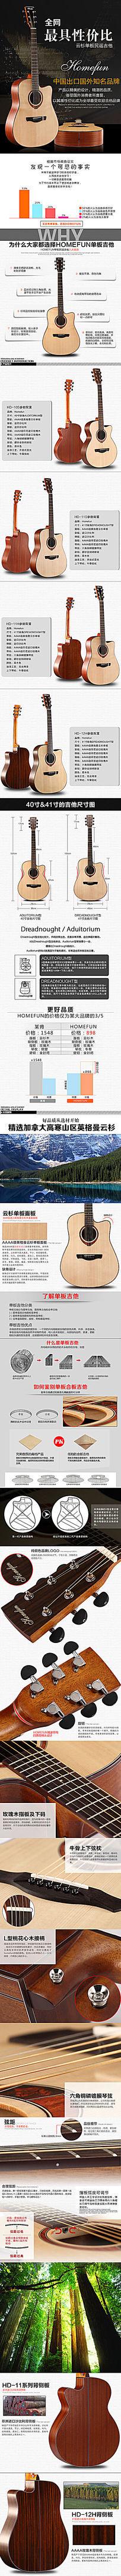 吉他乐器详情描述模板